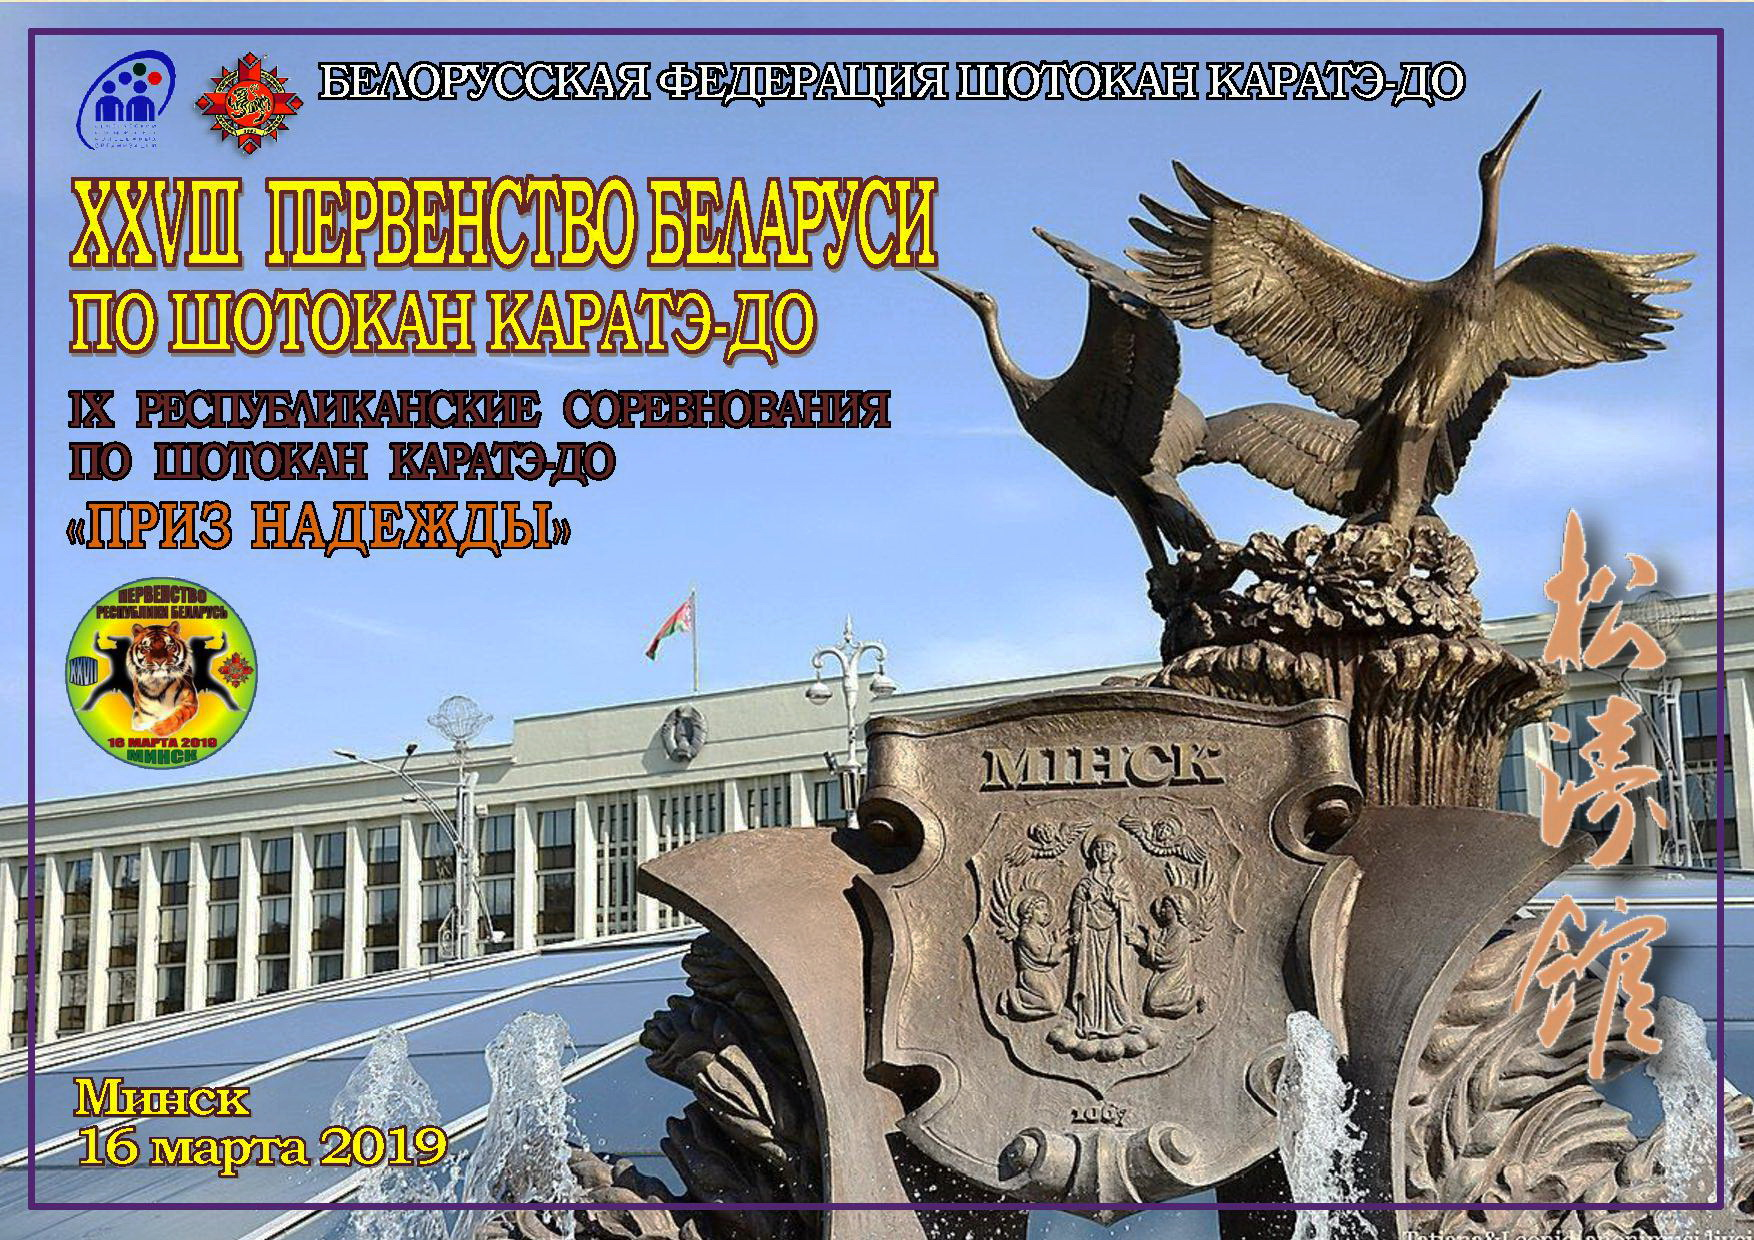 16 марта 2019 года, Минск, XVIII Первенство Беларуси/ IX Республиканские соревнования Приз Надежды-2019